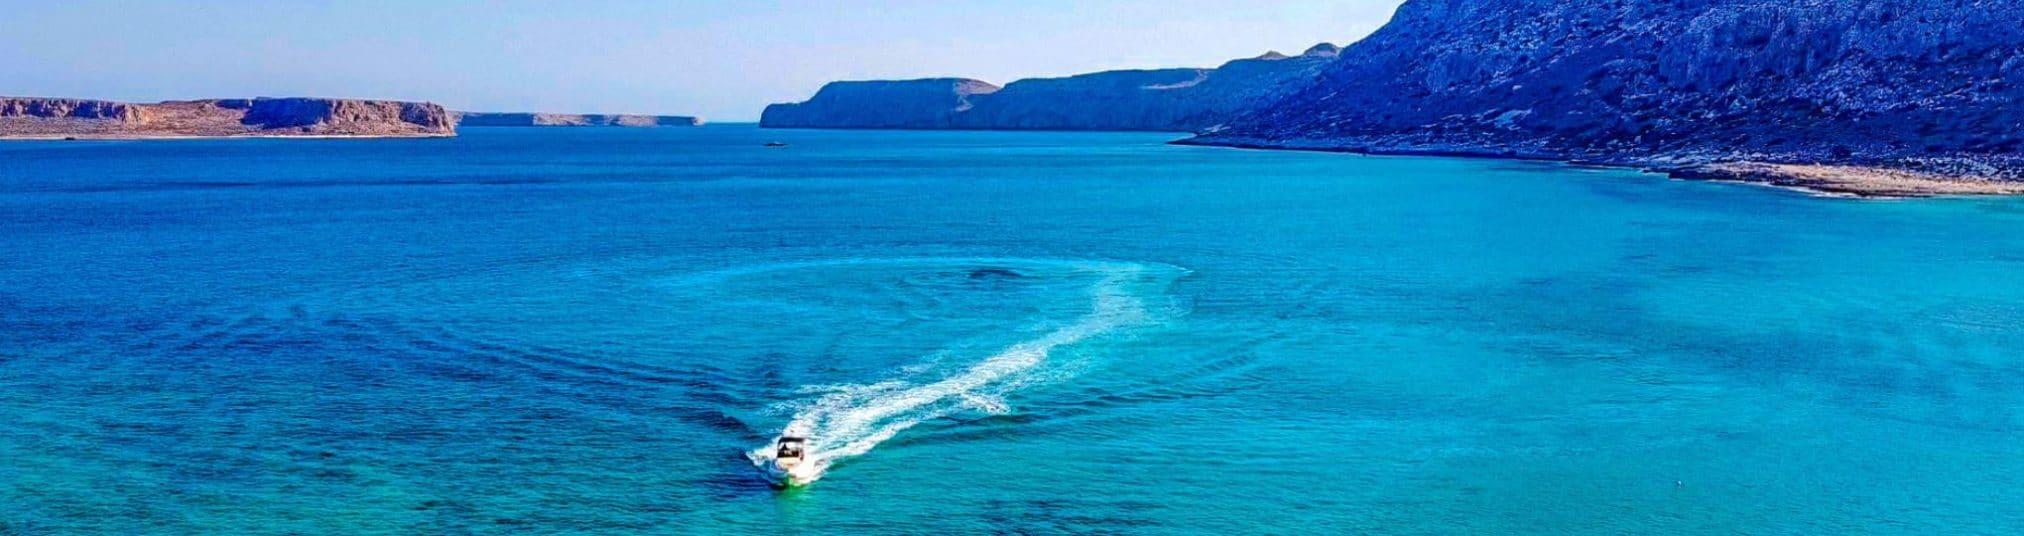 Séjour en Crete : Réservez votre séjour en Crète !